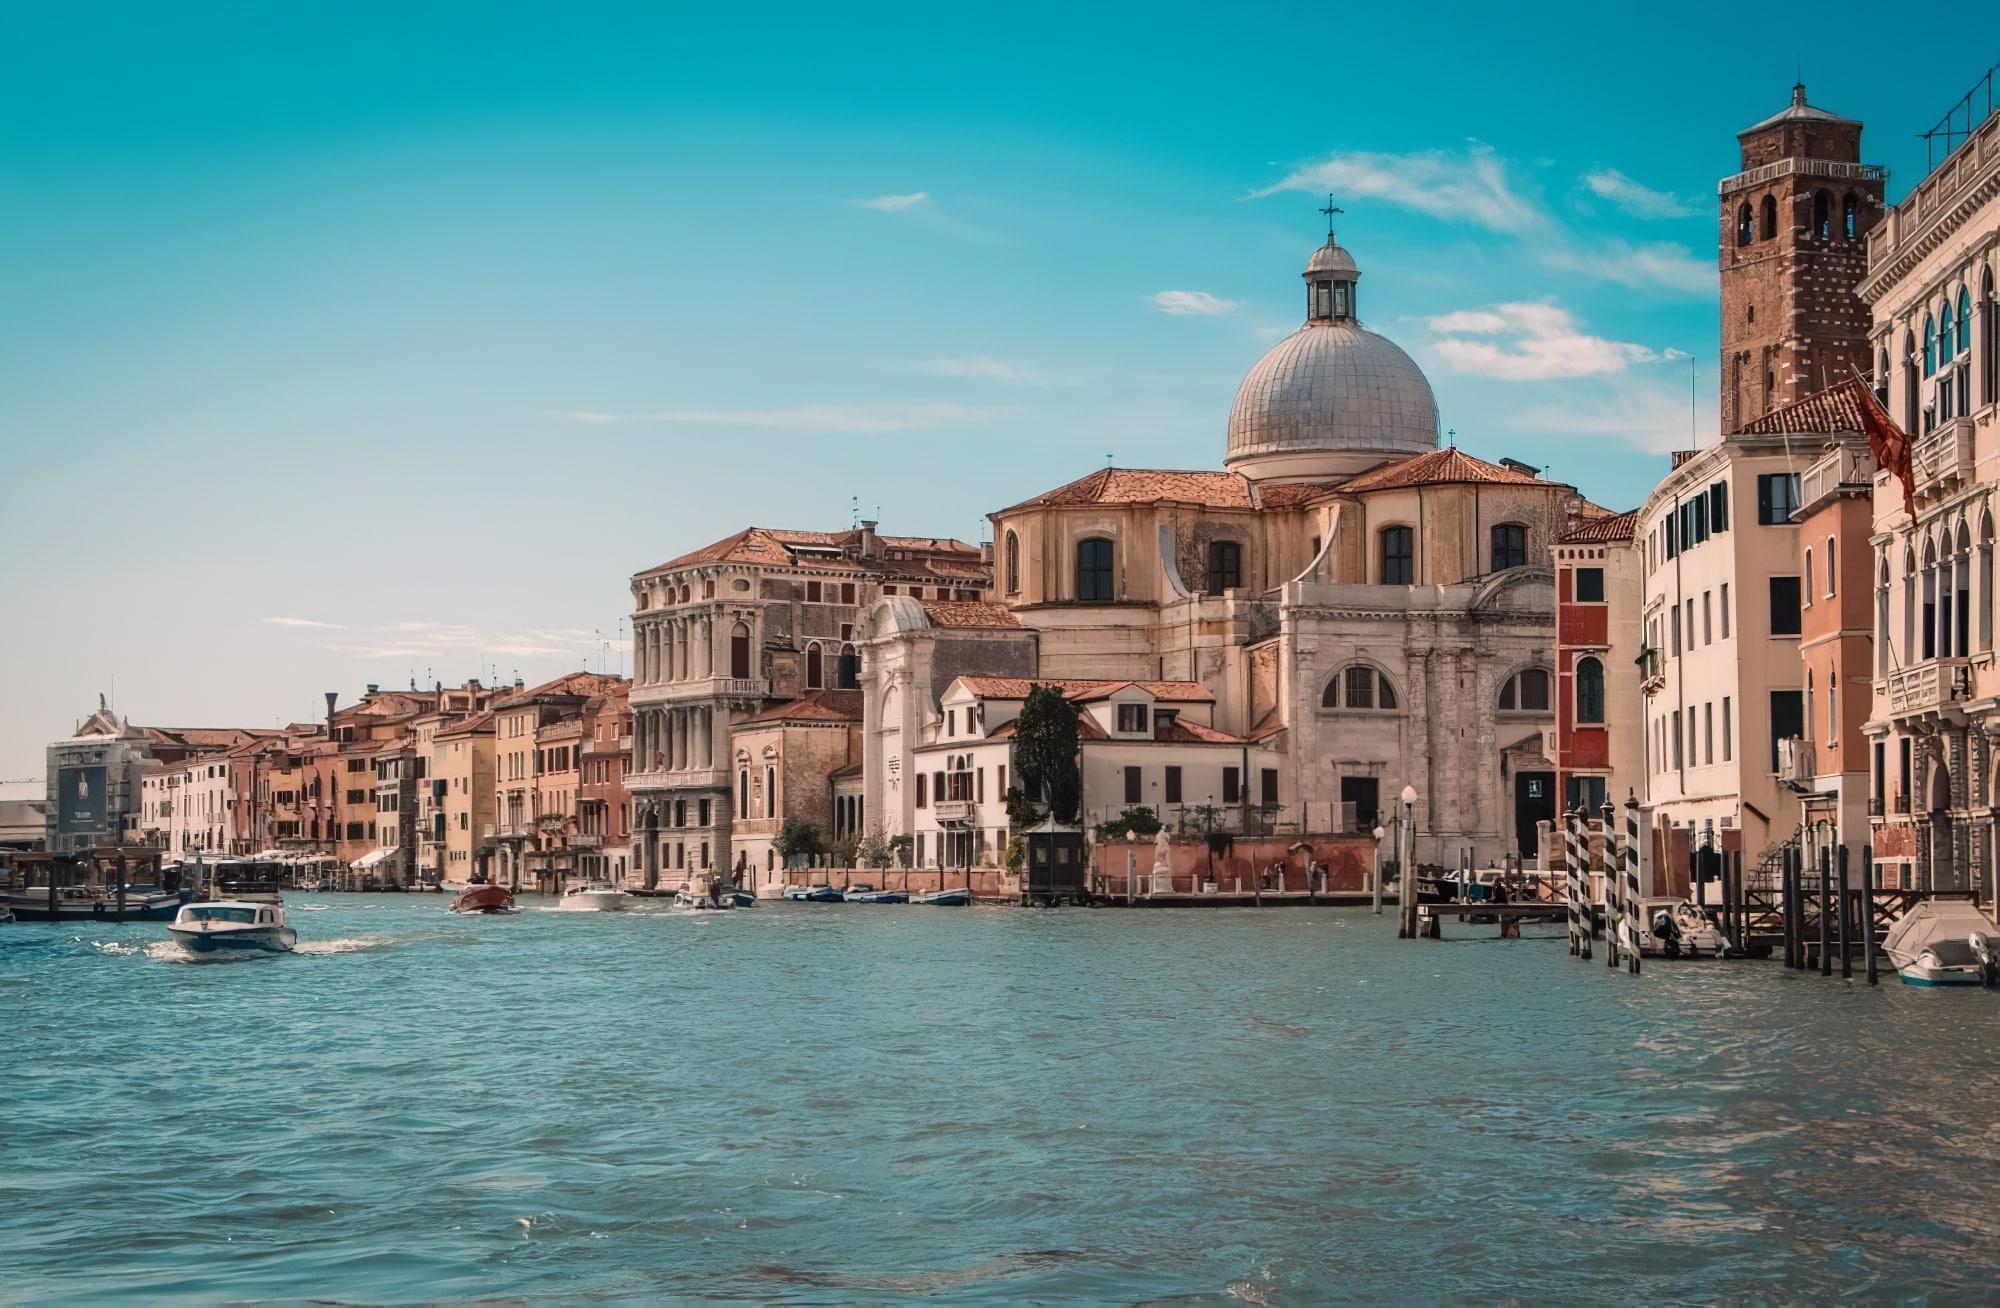 Taxe Venise